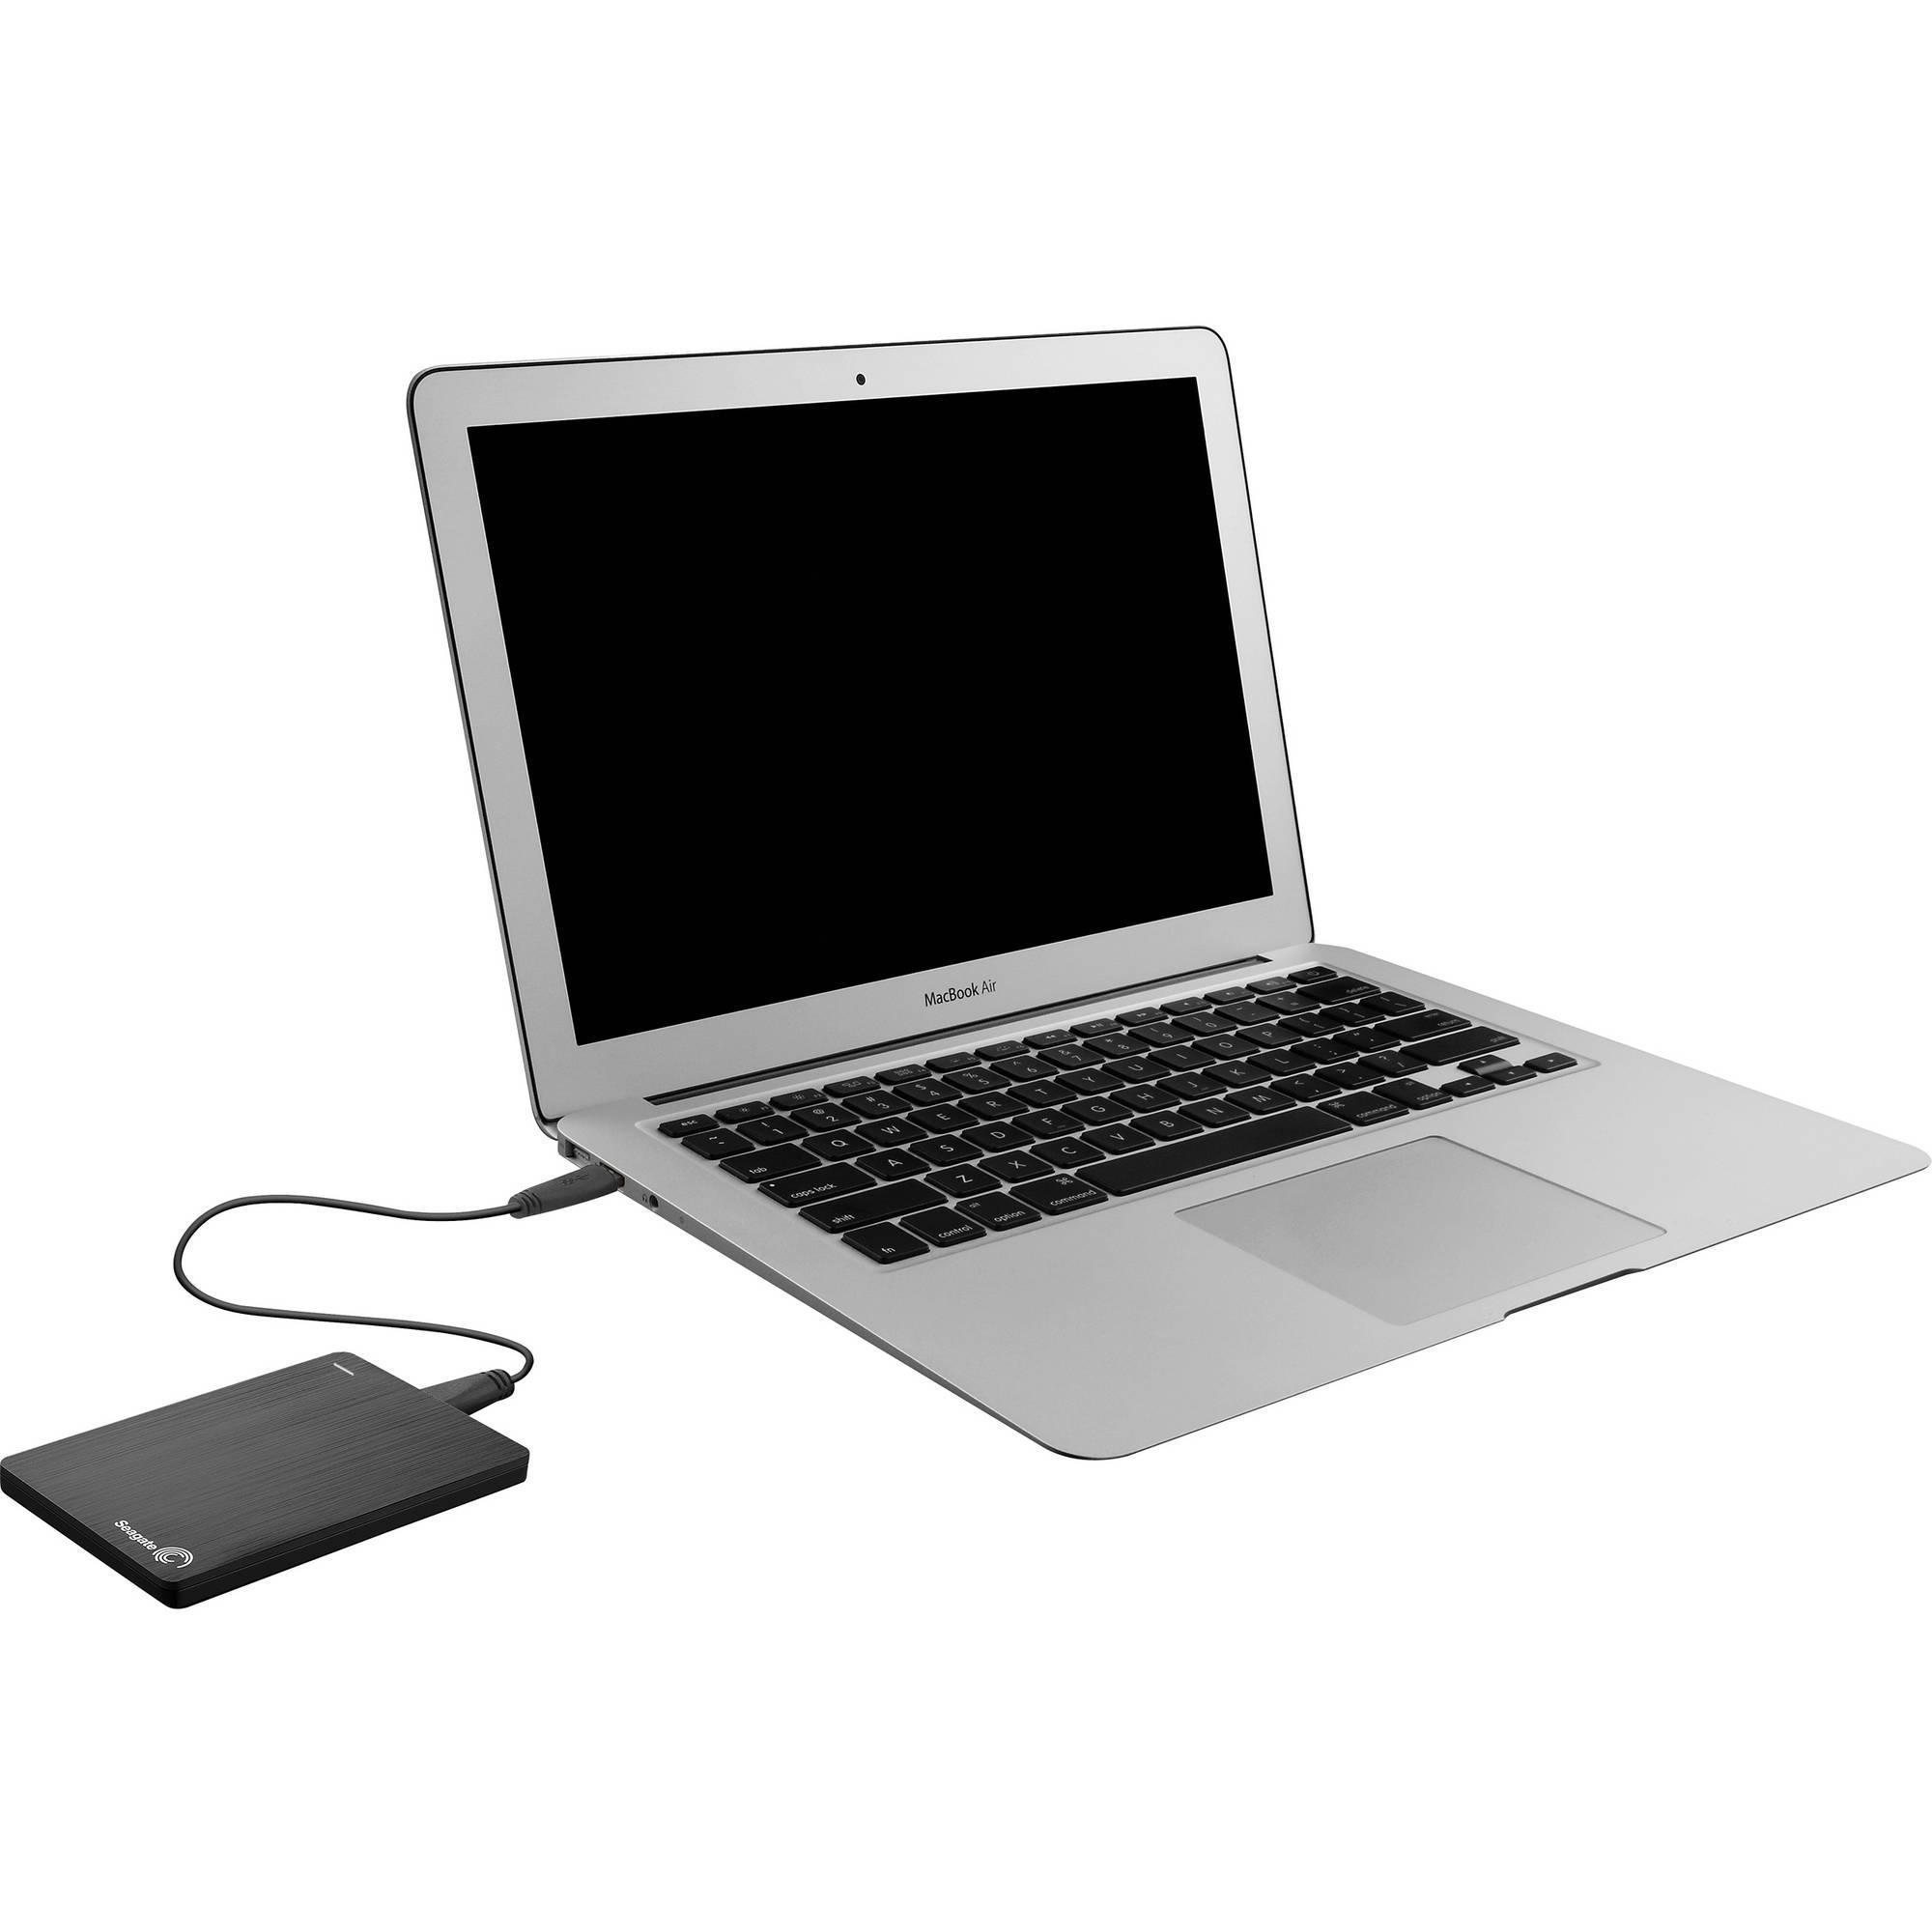 """Disque dur externe SEAGATE Backup Plus Slim 500Go 2.5\"""" USB 3.0 - Noir"""